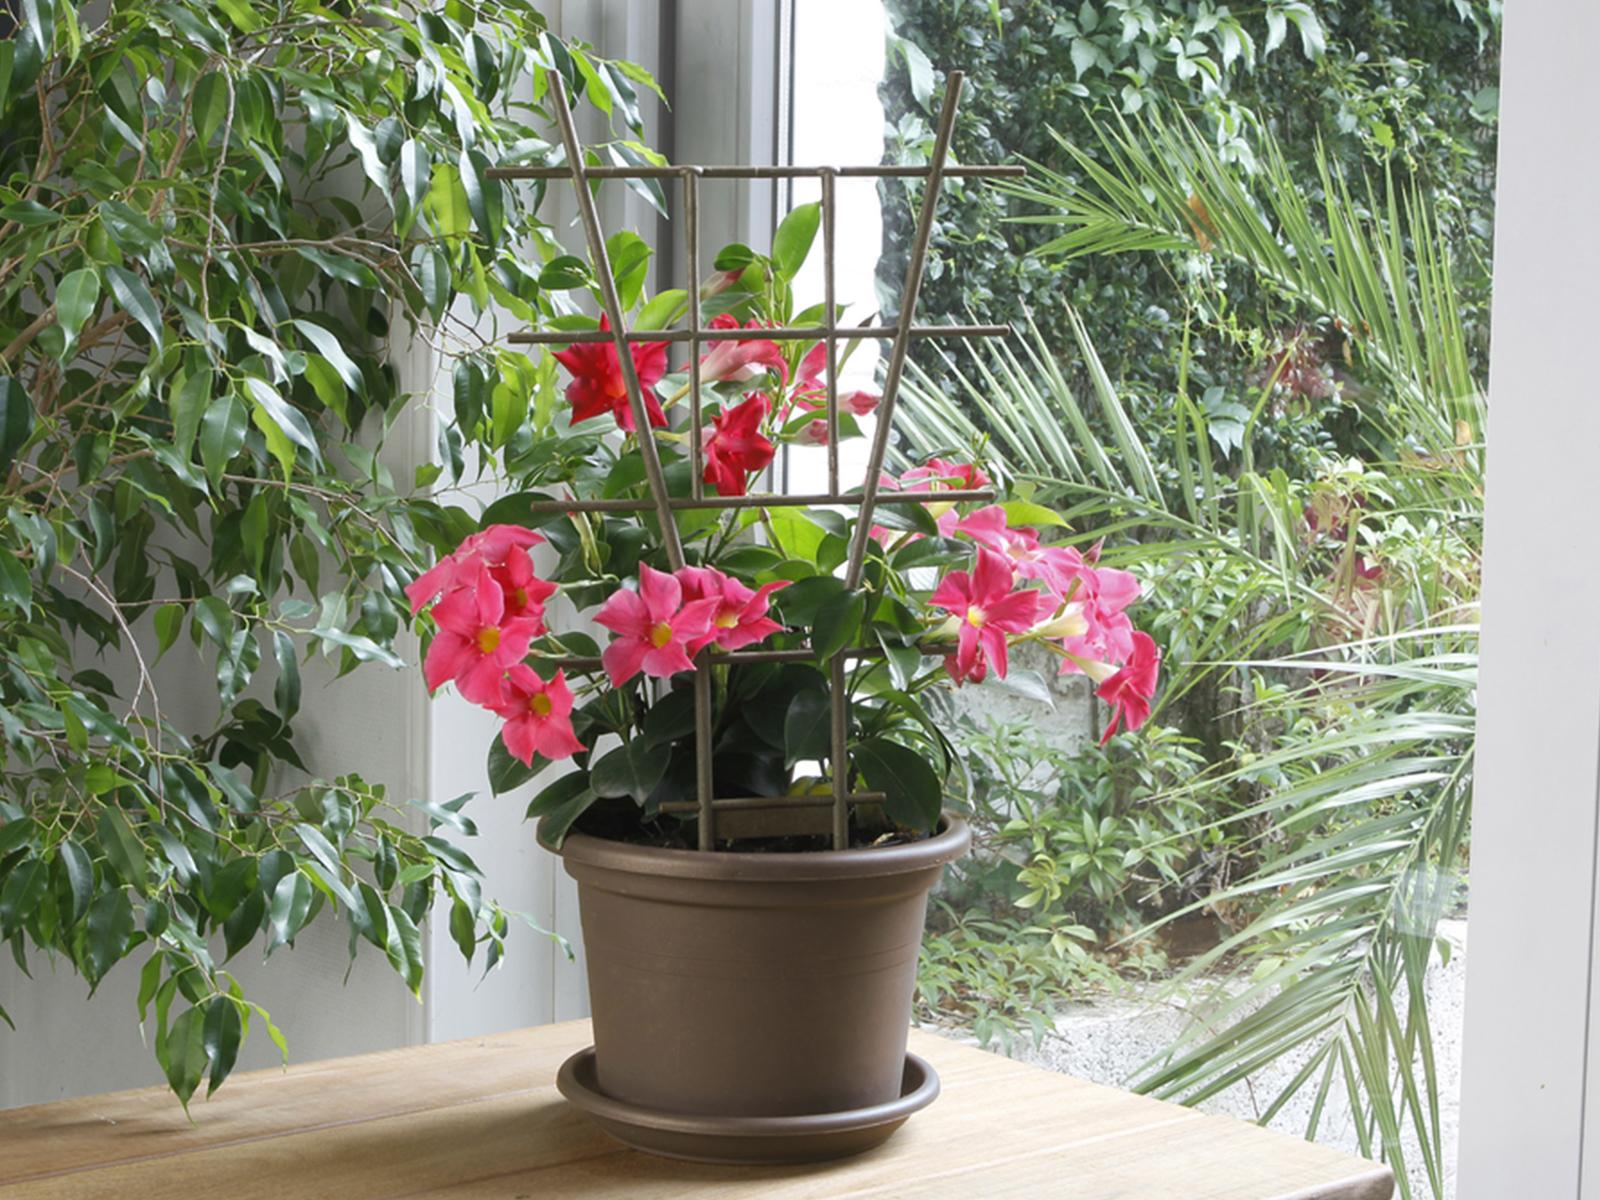 Létra formájú virágfuttató növénytámasz